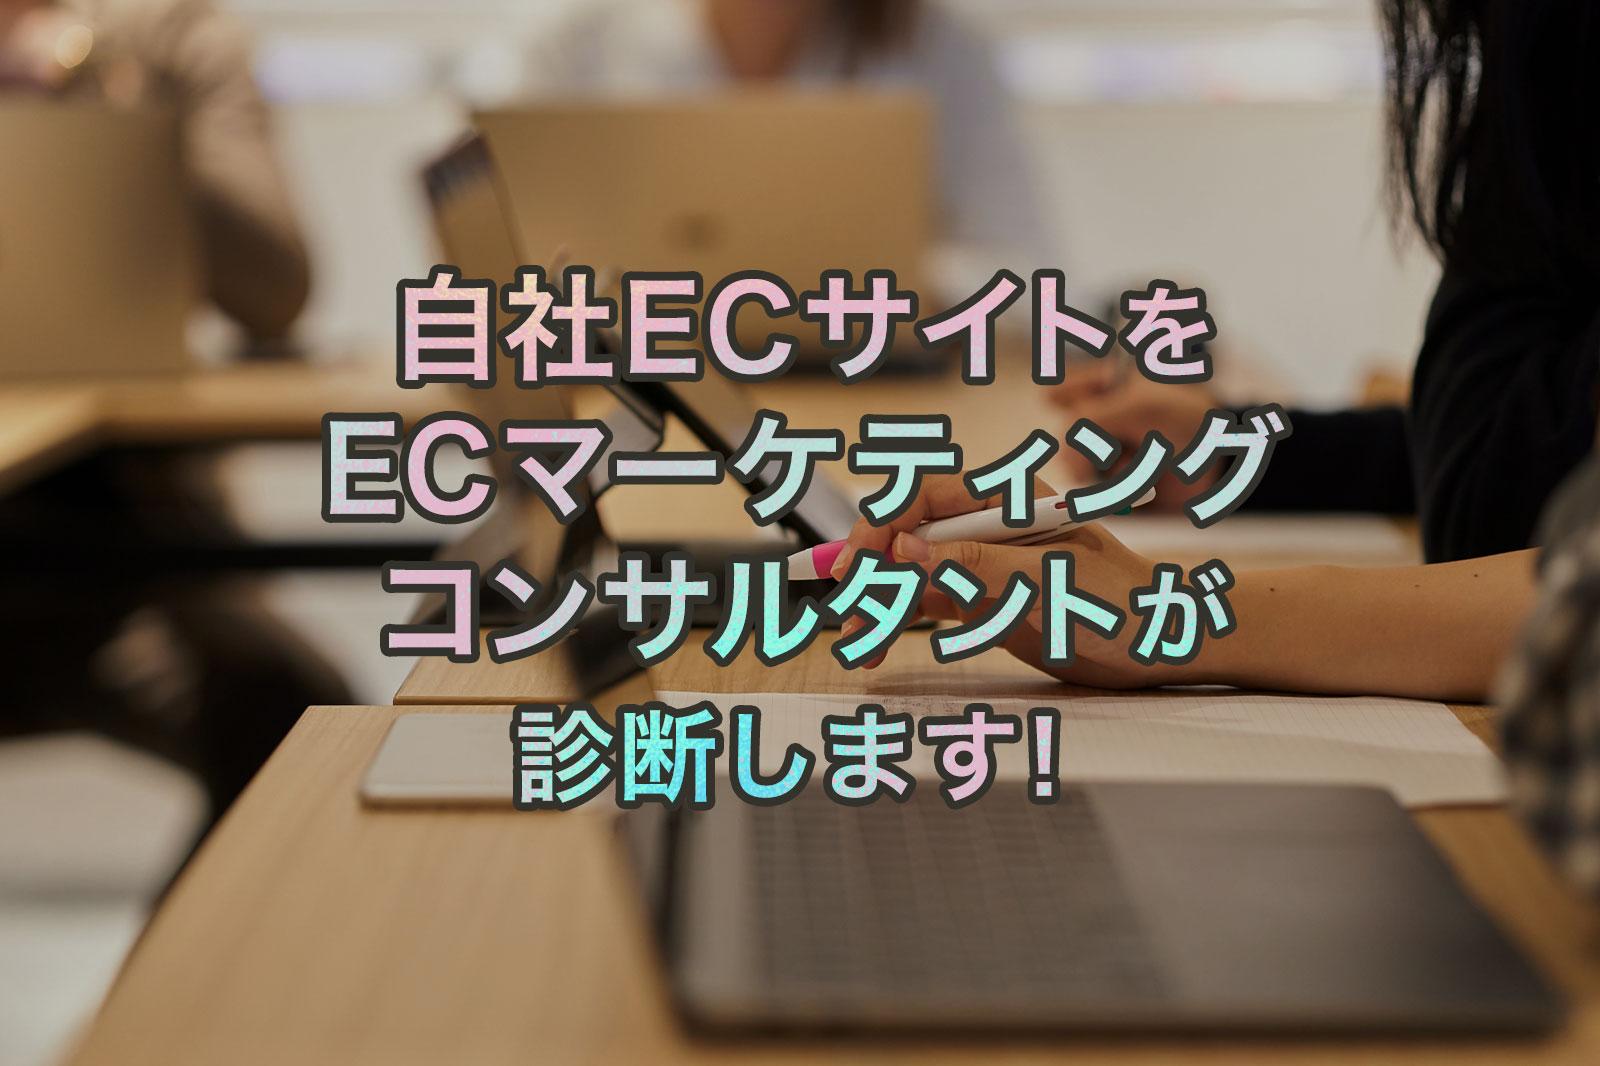 自社ECサイトをECマーケティングコンサルタントが診断します